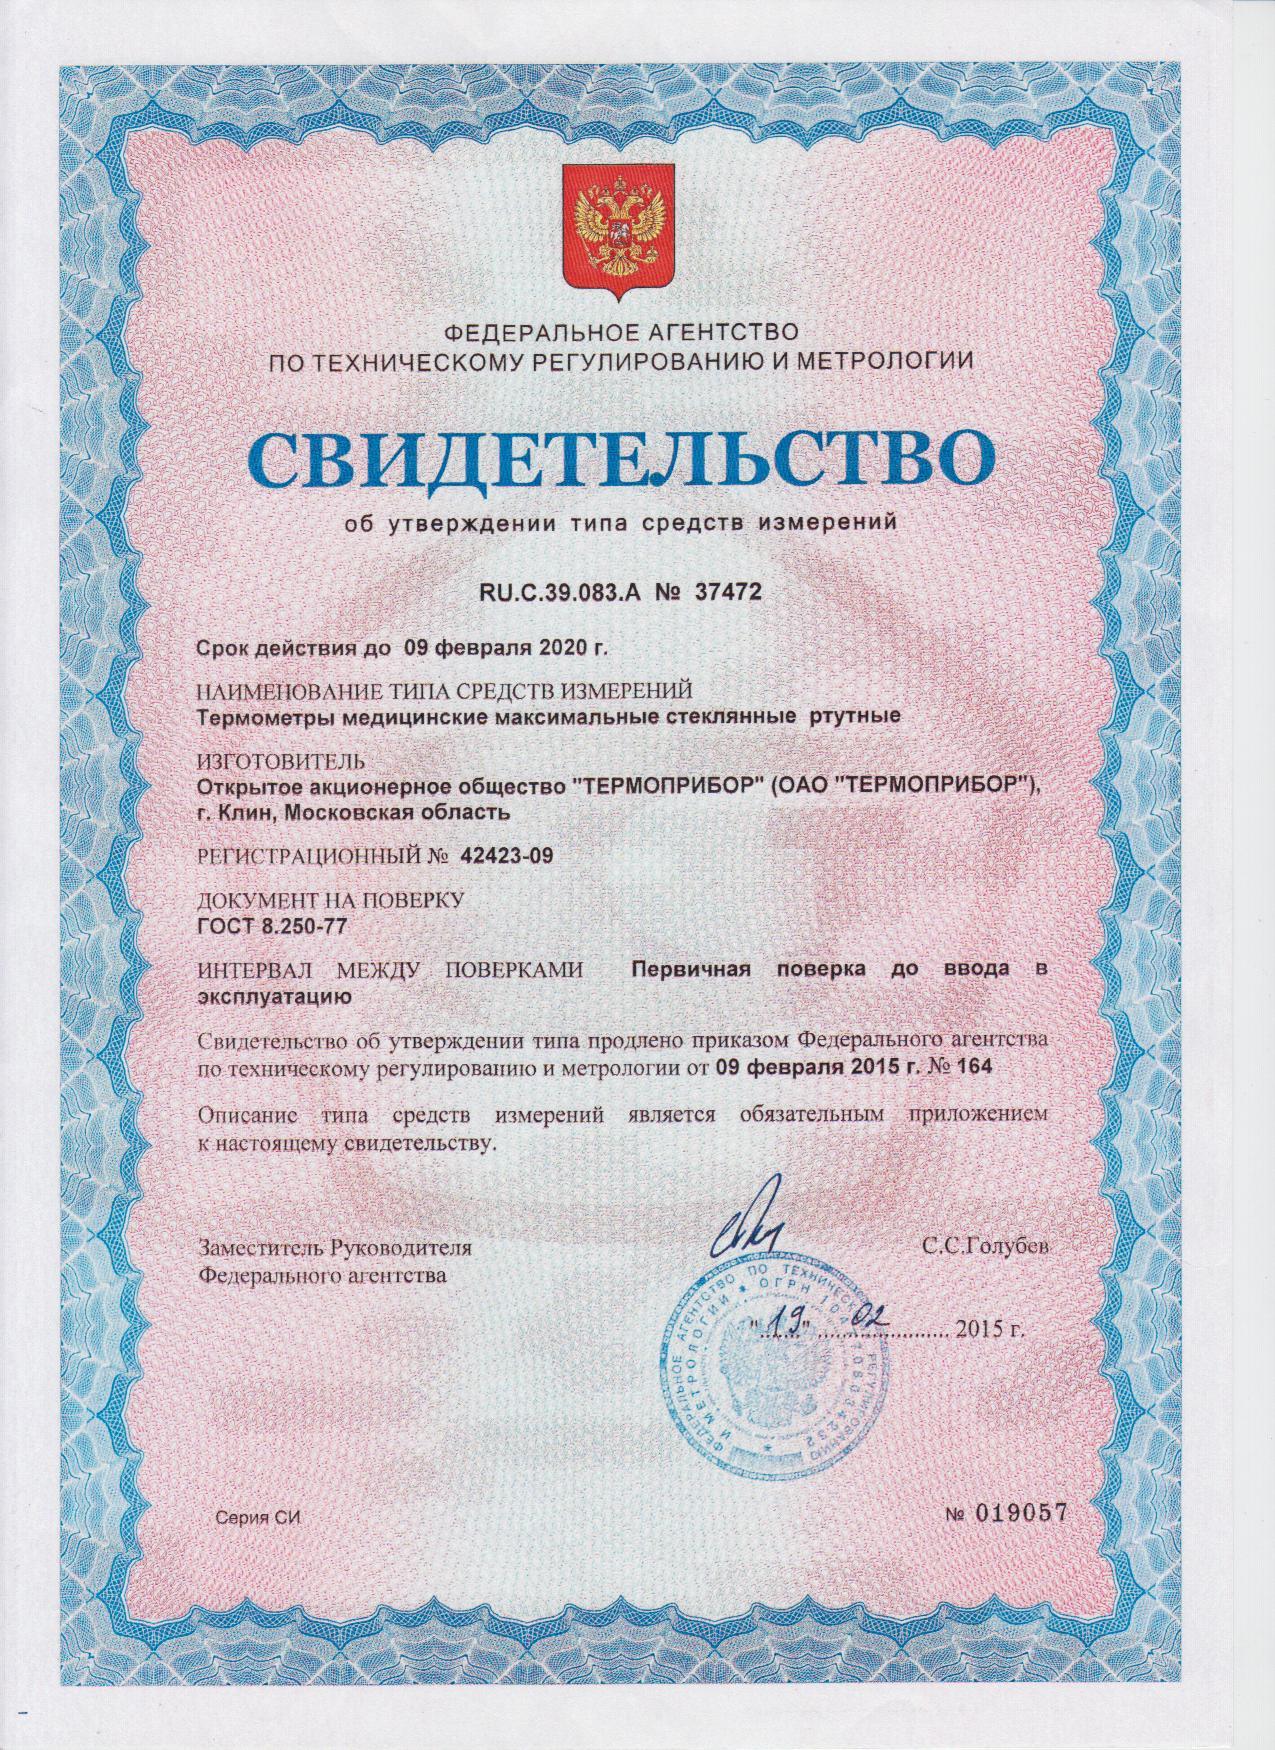 svidetelstvo-utv-37472-term-medmax